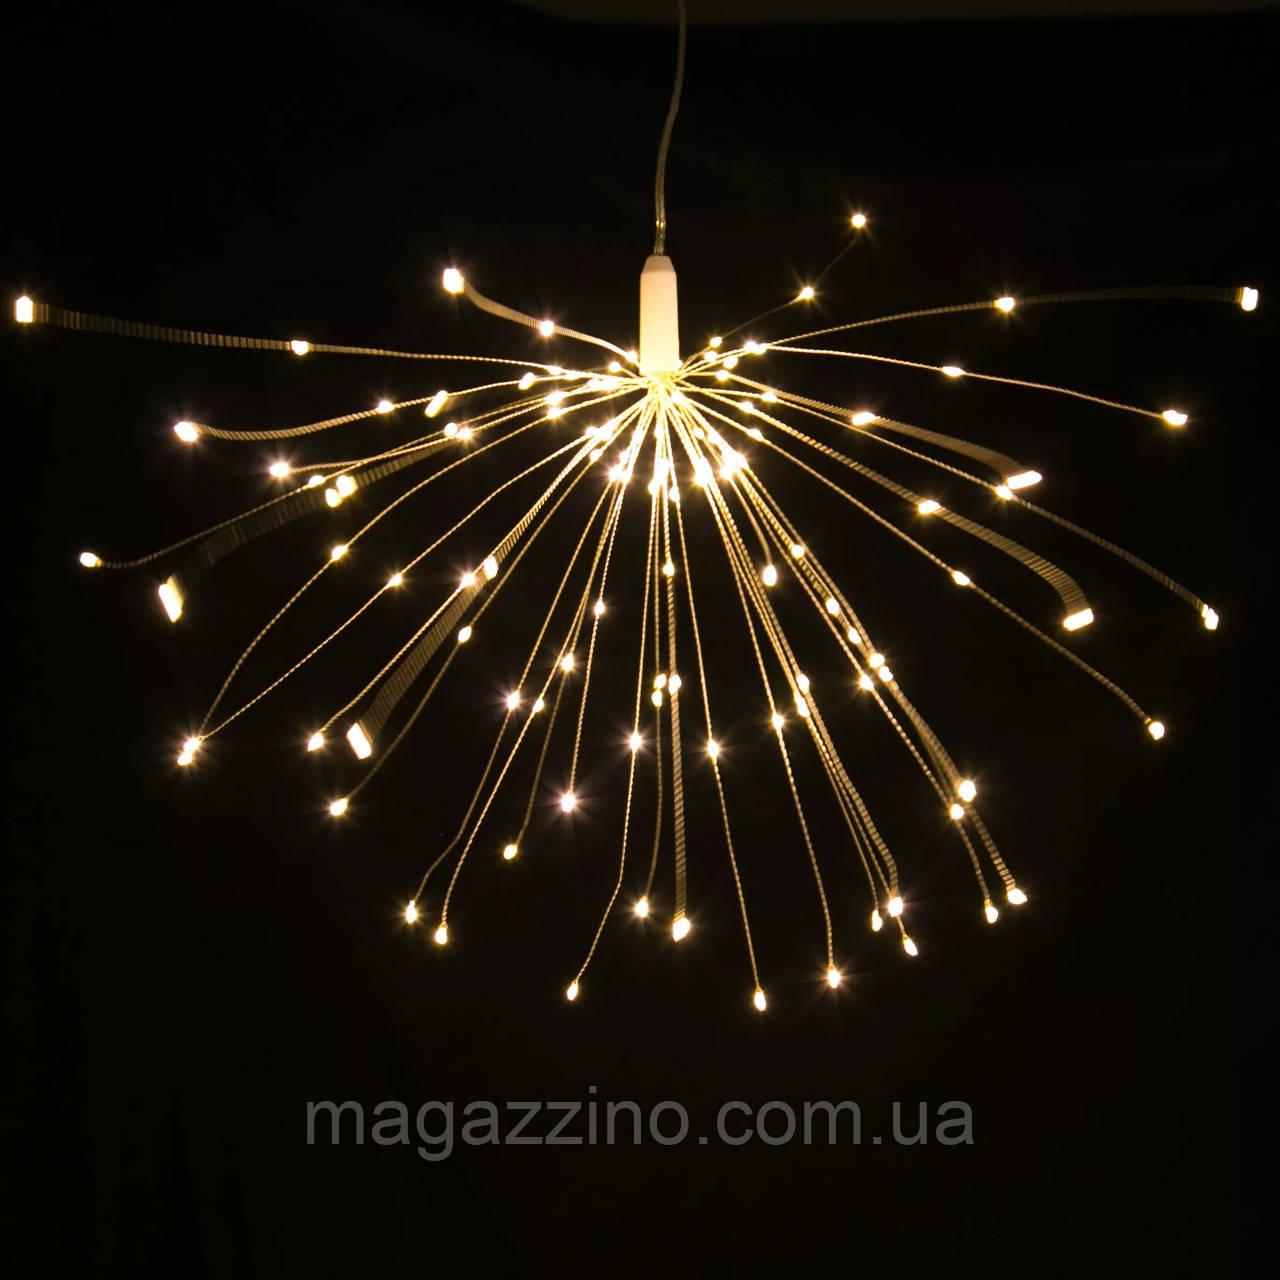 Гирлянда Одуванчик, Фейерверк, 50 LED, 25 нитей, Золотая (Желтая), проволока, 1шт., от сети.